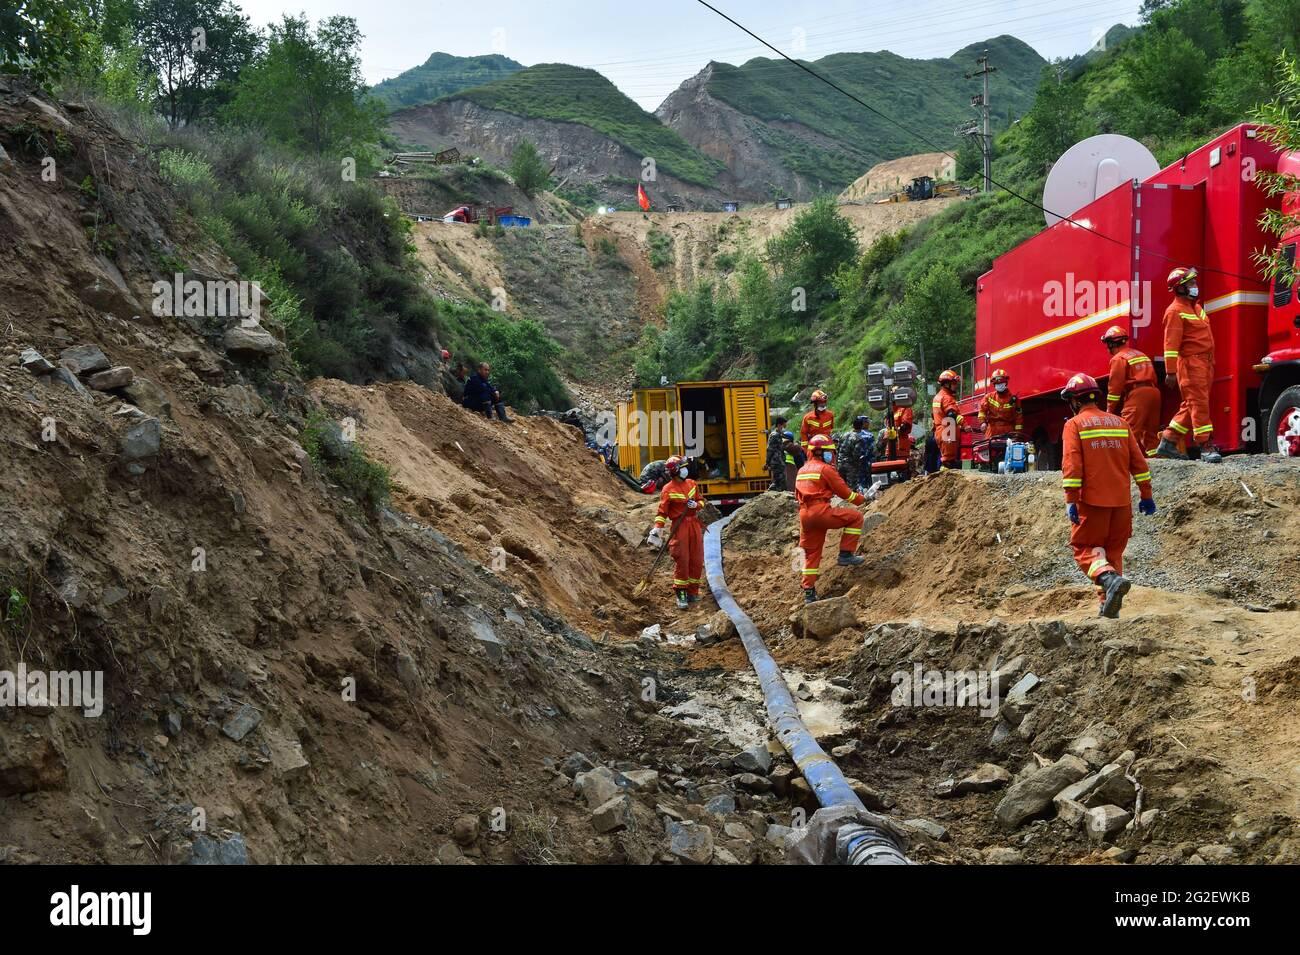 Daixian, provincia china de Shanxi. 11th de junio de 2021. Los socorristas trabajan en el lugar del accidente de una mina de hierro inundada en el condado de Daixian, provincia de Shanxi, al norte de China, 11 de junio de 2021. Trece personas quedaron atrapadas en una mina de hierro inundada en la provincia de Shanxi, en el norte de China, dijeron el jueves las autoridades locales.Las obras de rescate están en marcha. Crédito: Chai Ting/Xinhua/Alamy Live News Foto de stock